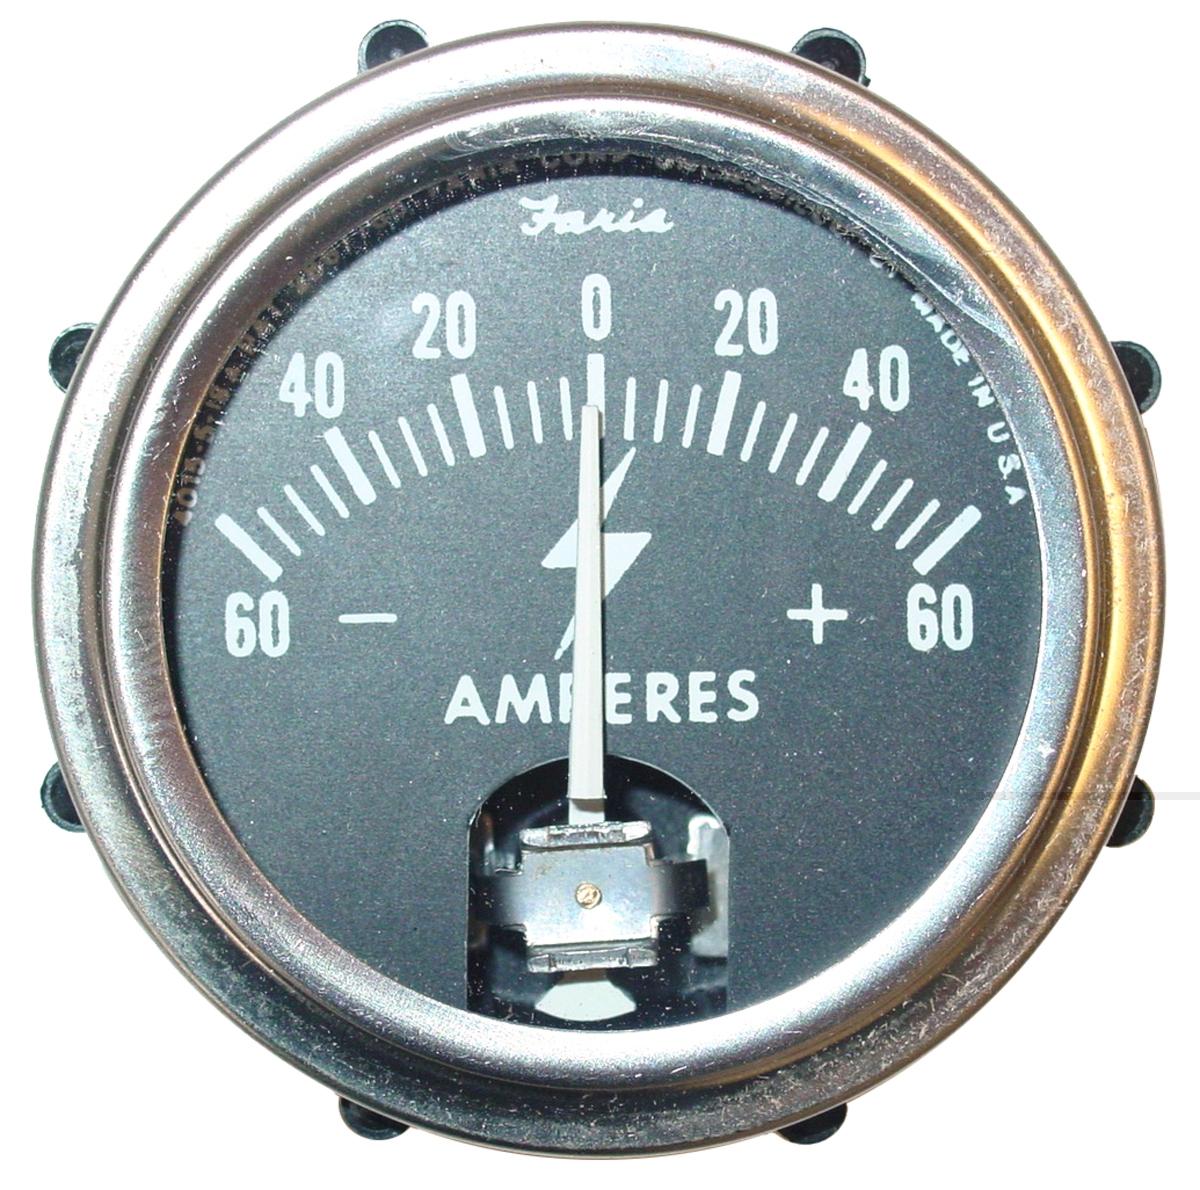 AMMETER (AMP) GAUGE, 60-0-60